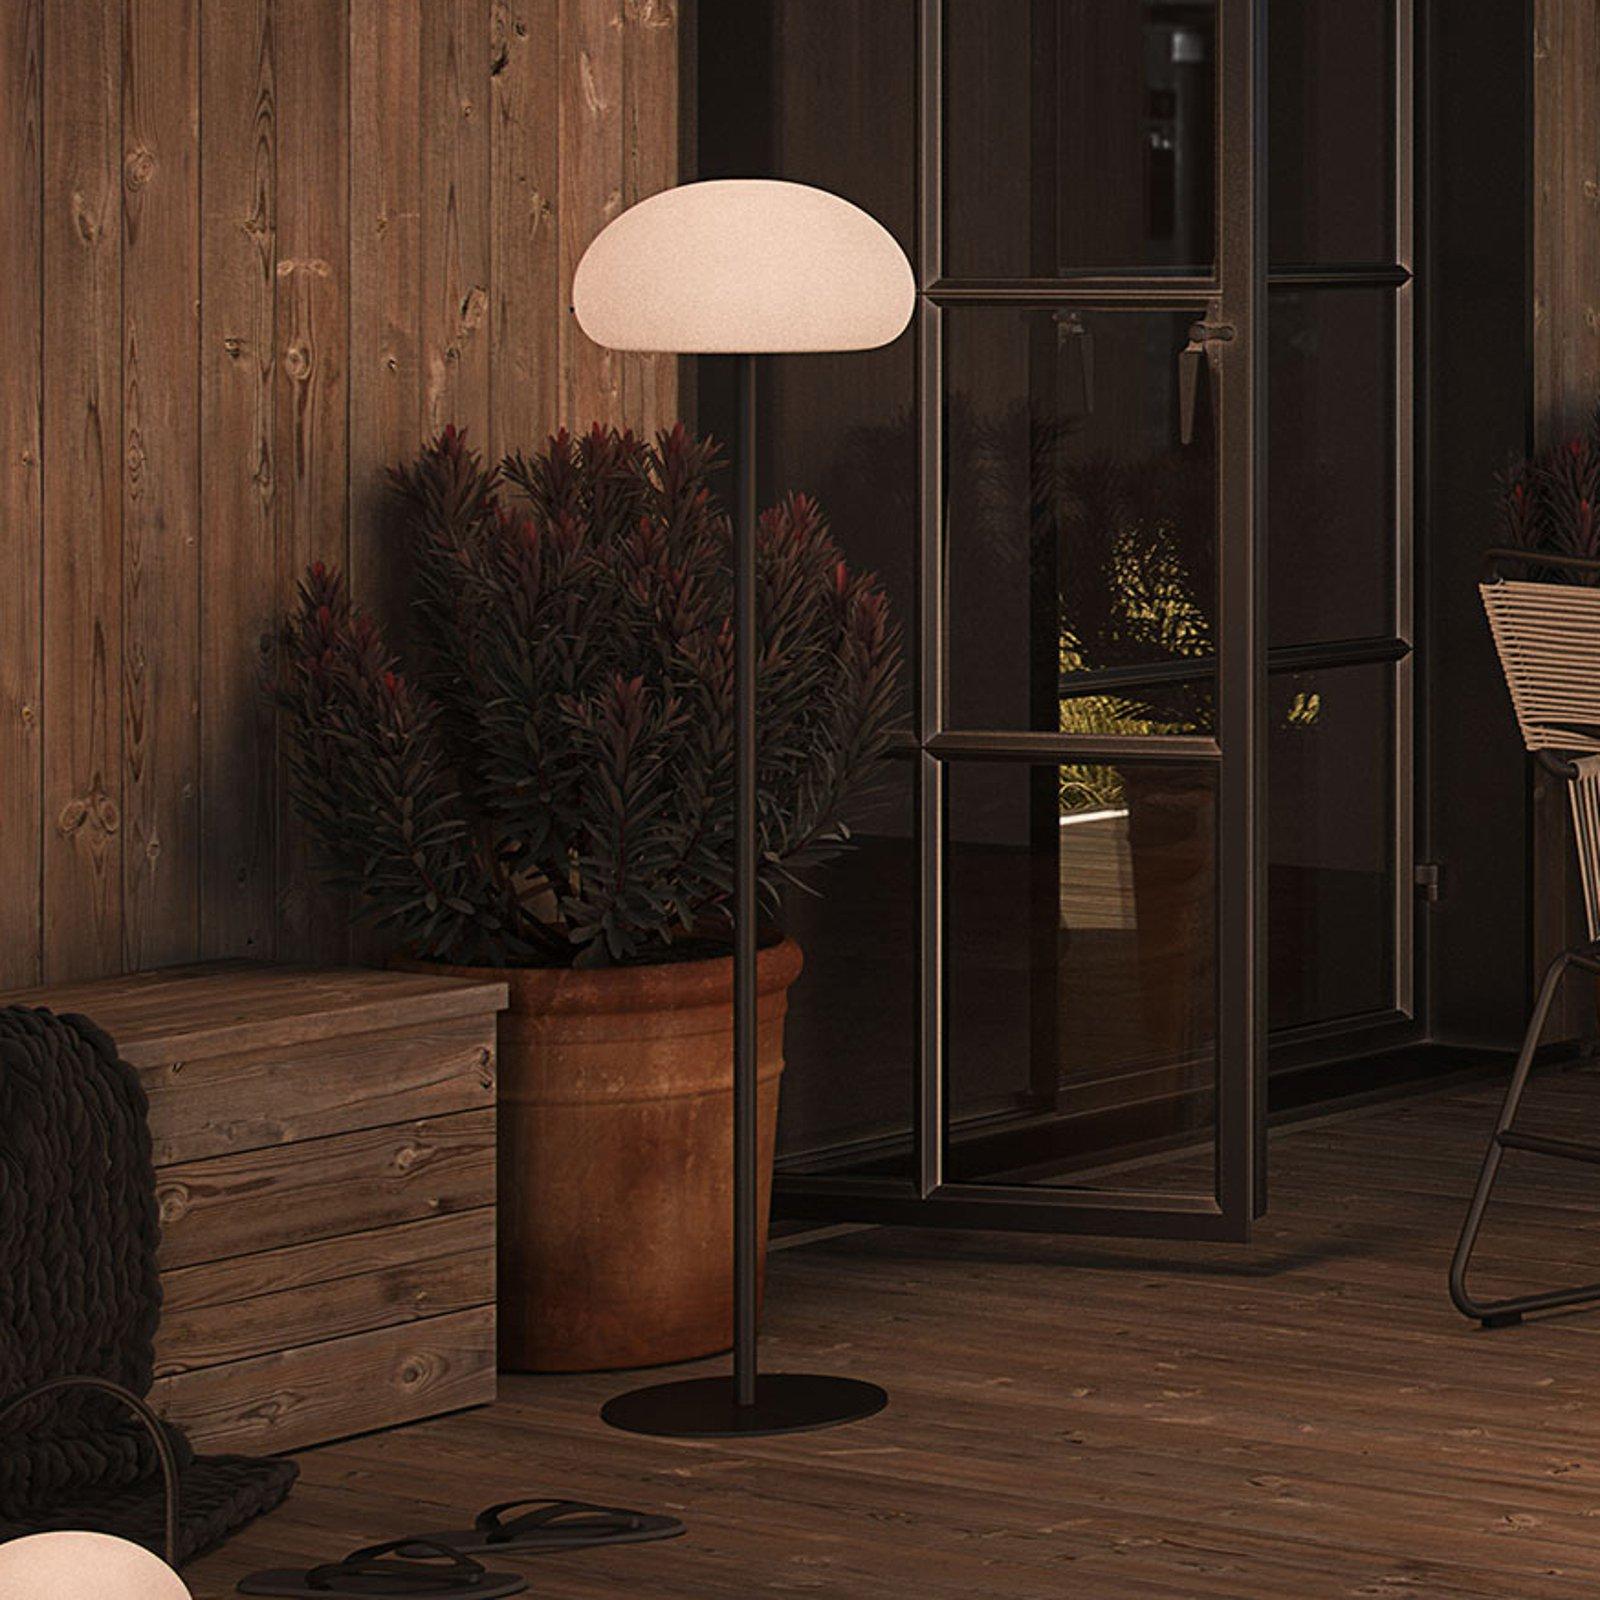 LED-gulvlampe Sponge floor for terrassen